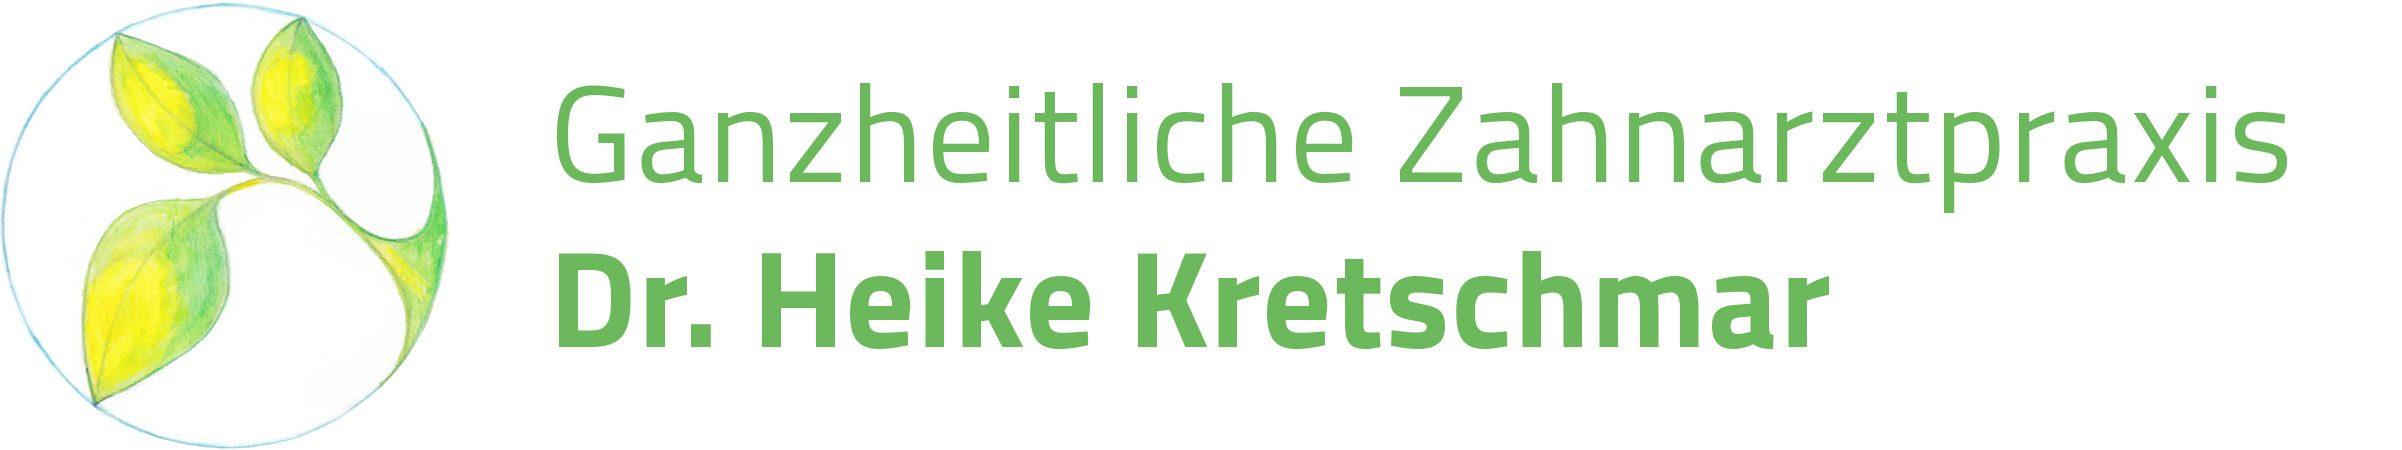 Ganzheitliche Zahnarztpraxis Dr. Heike Kretschmar